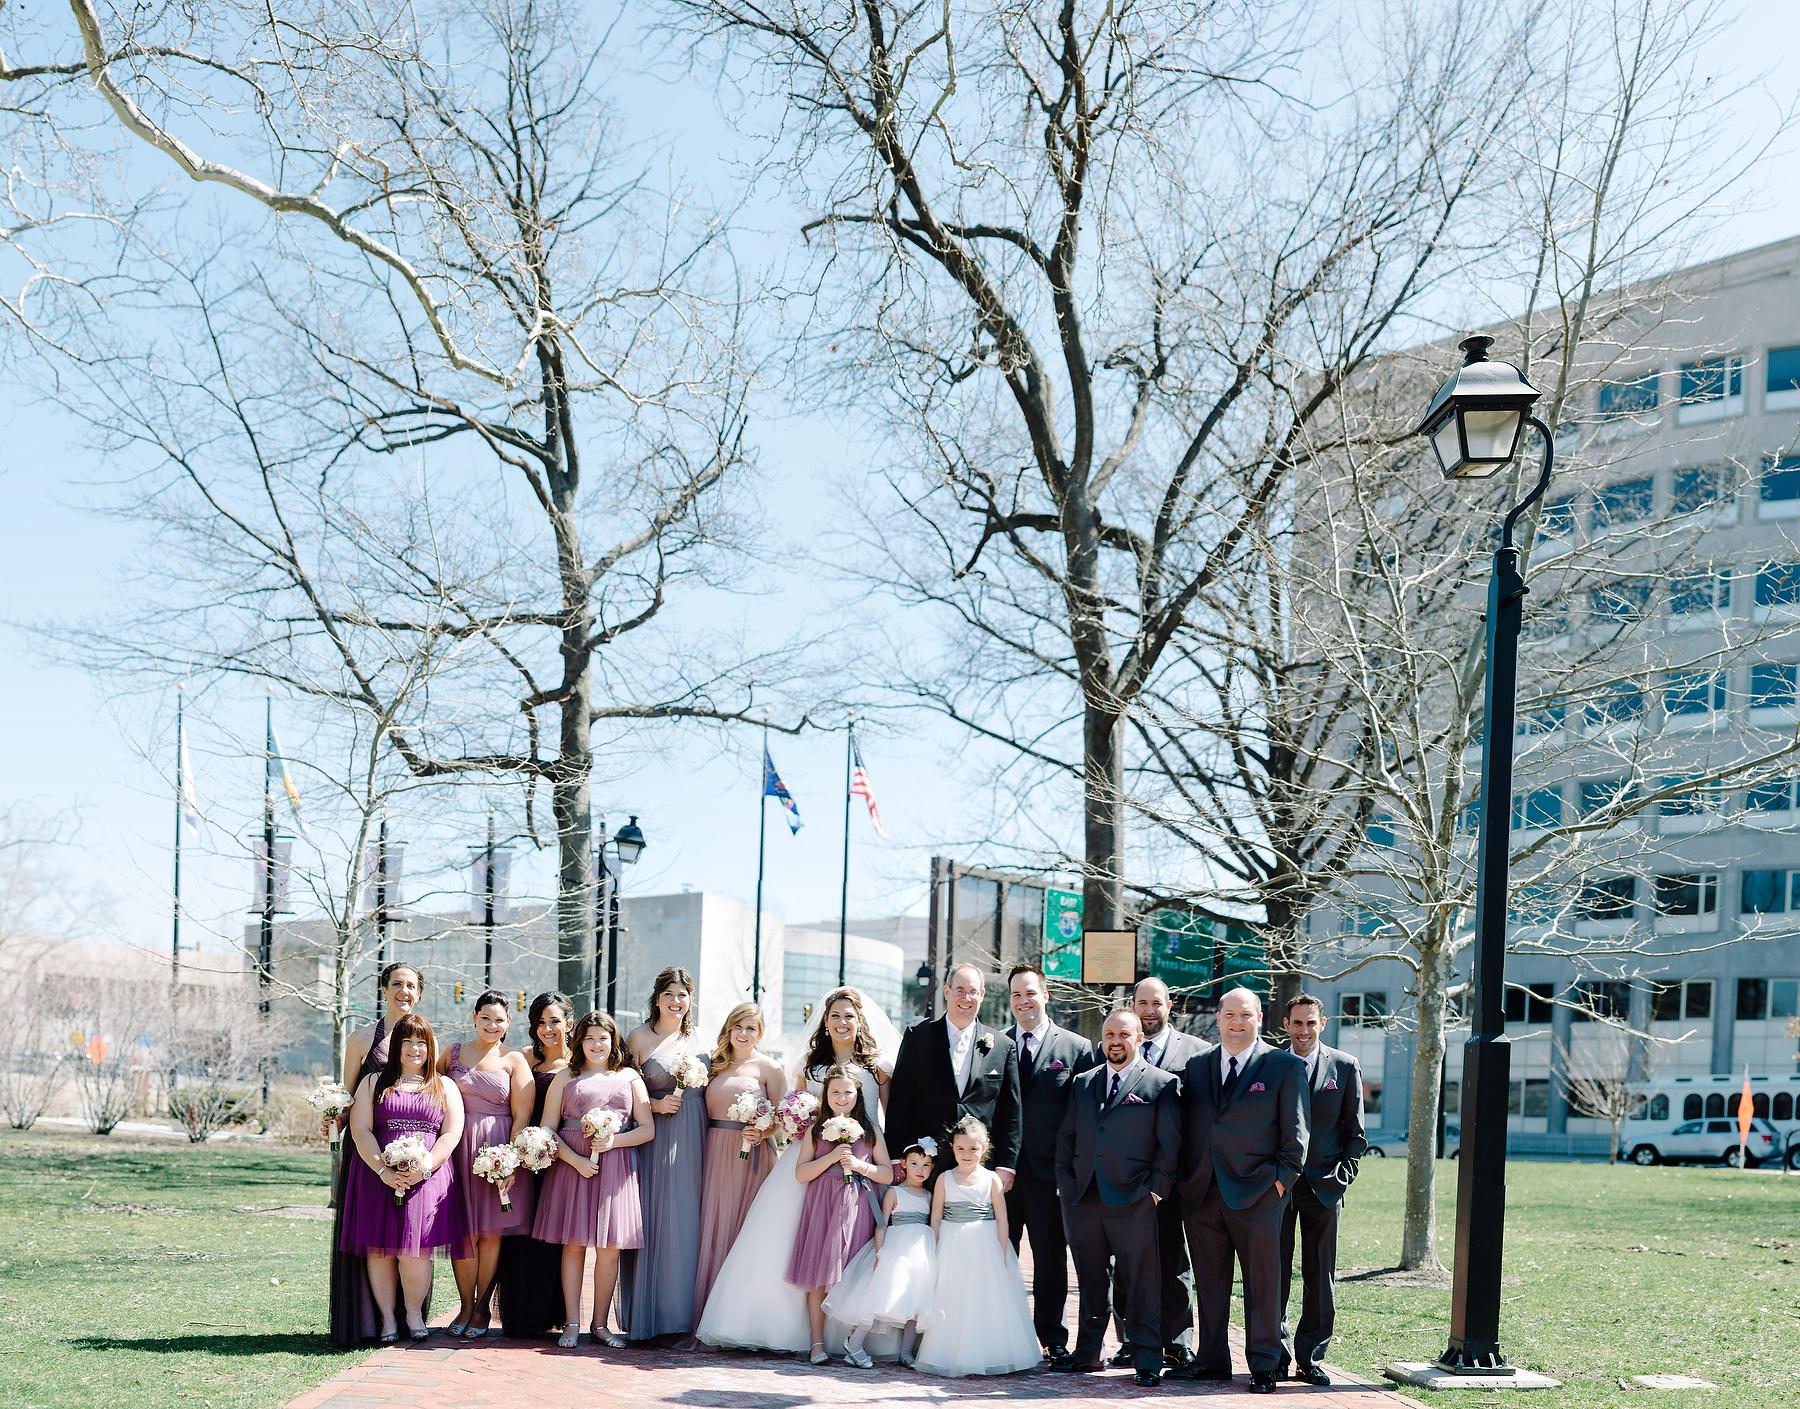 vie_wedding_17.JPG